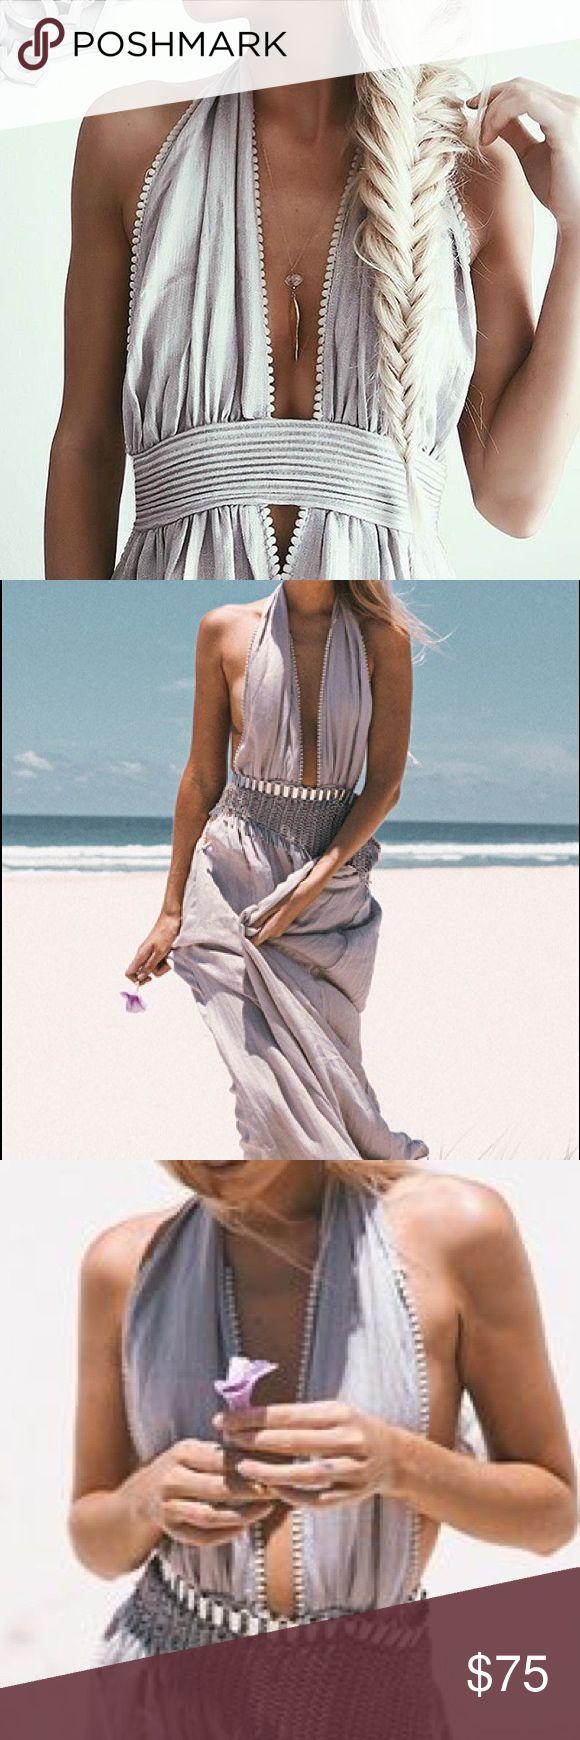 melhores imagens de clothes no pinterest moda feminina moda